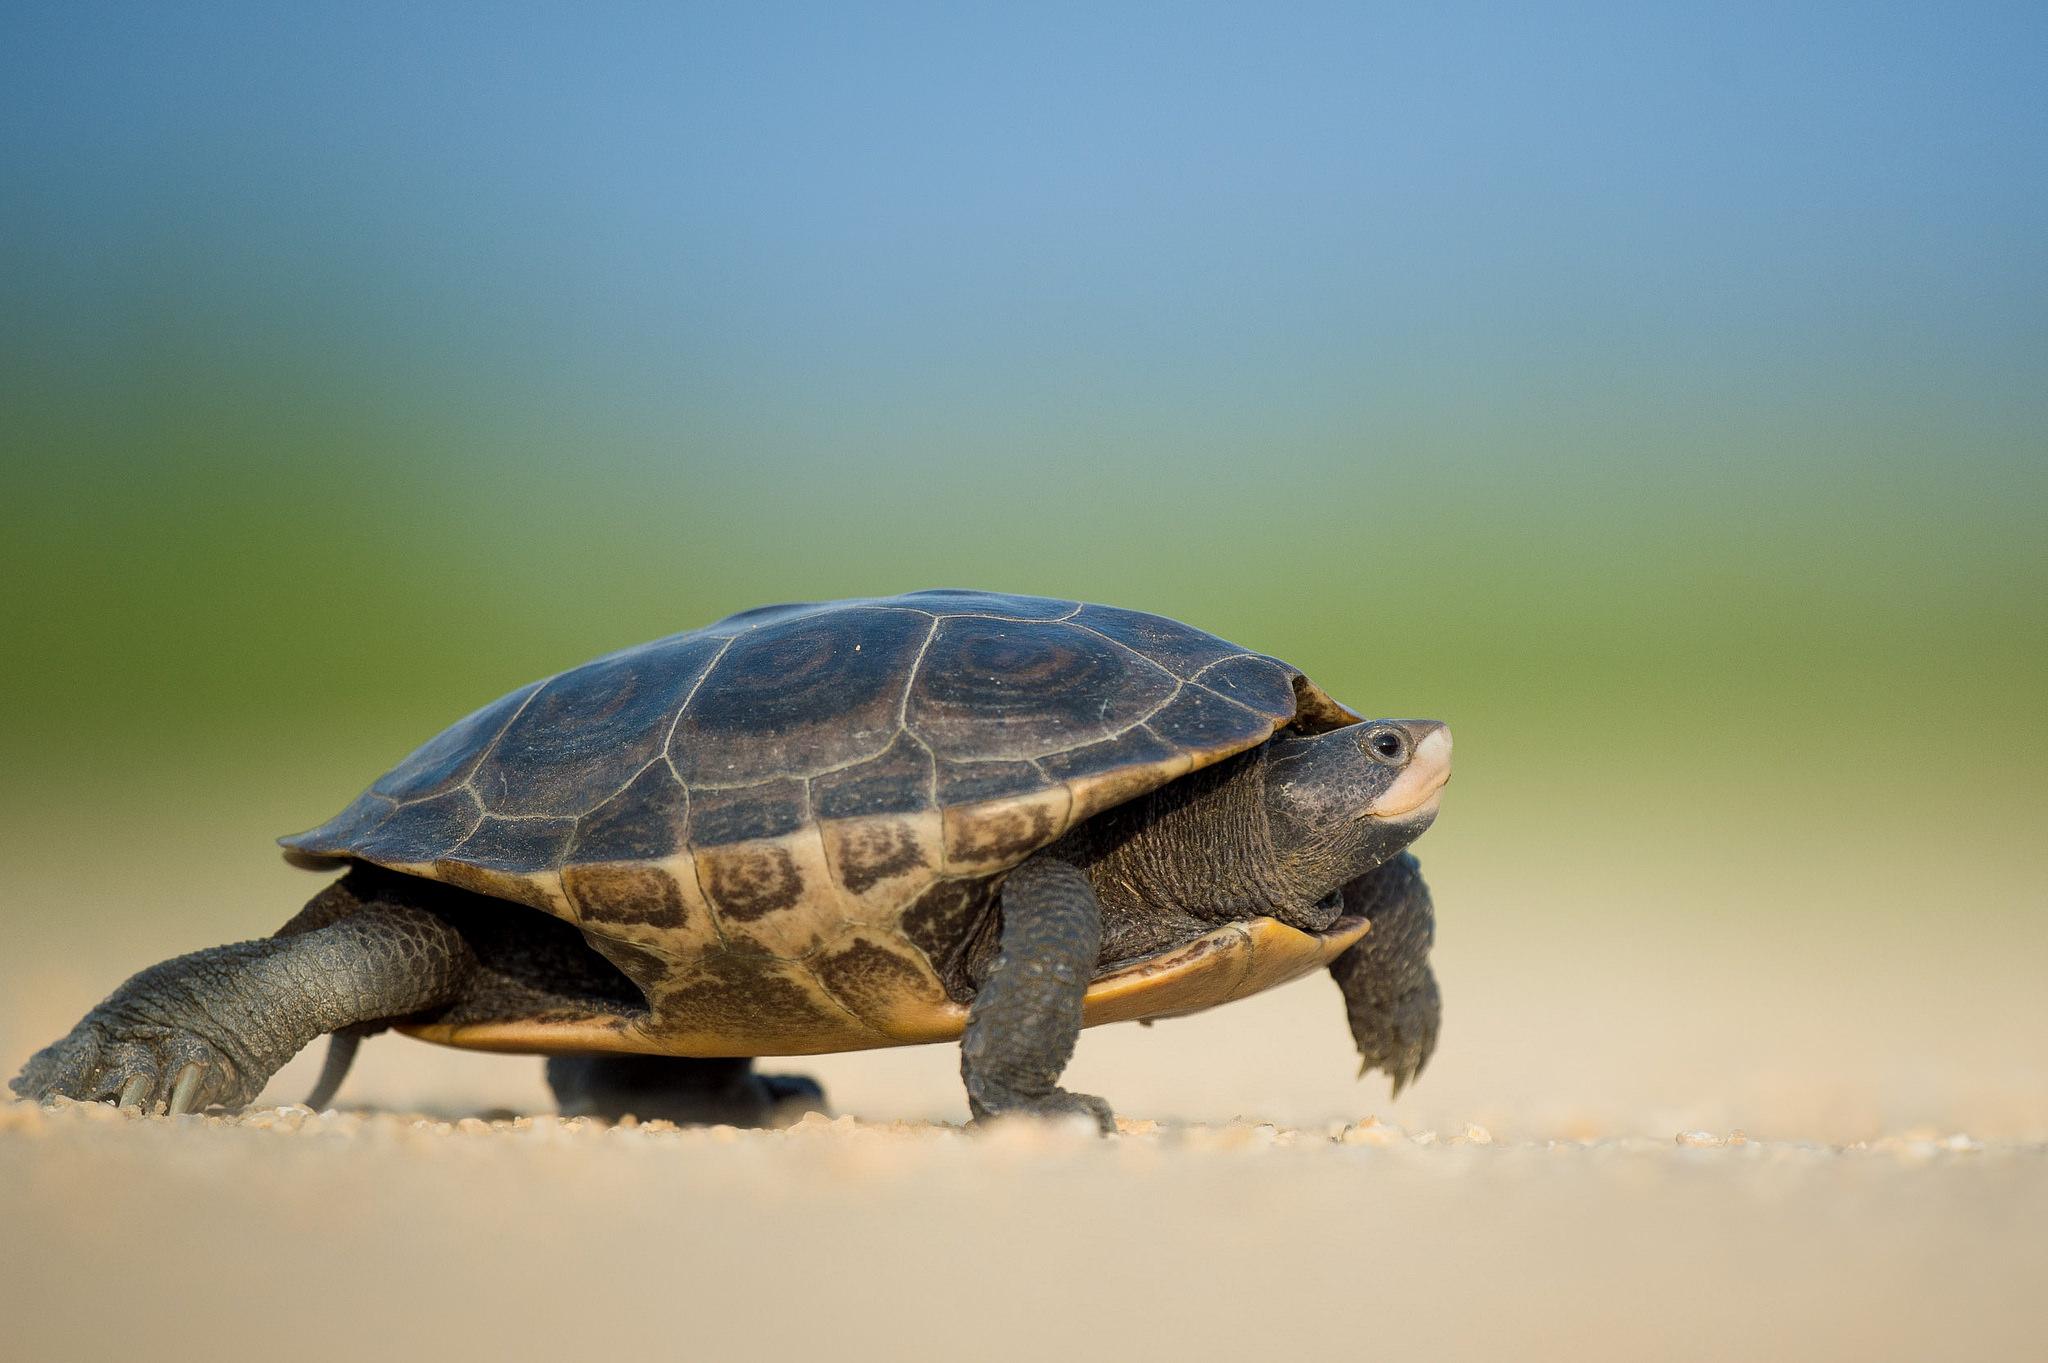 Tortuga corriendo - 2048x1363